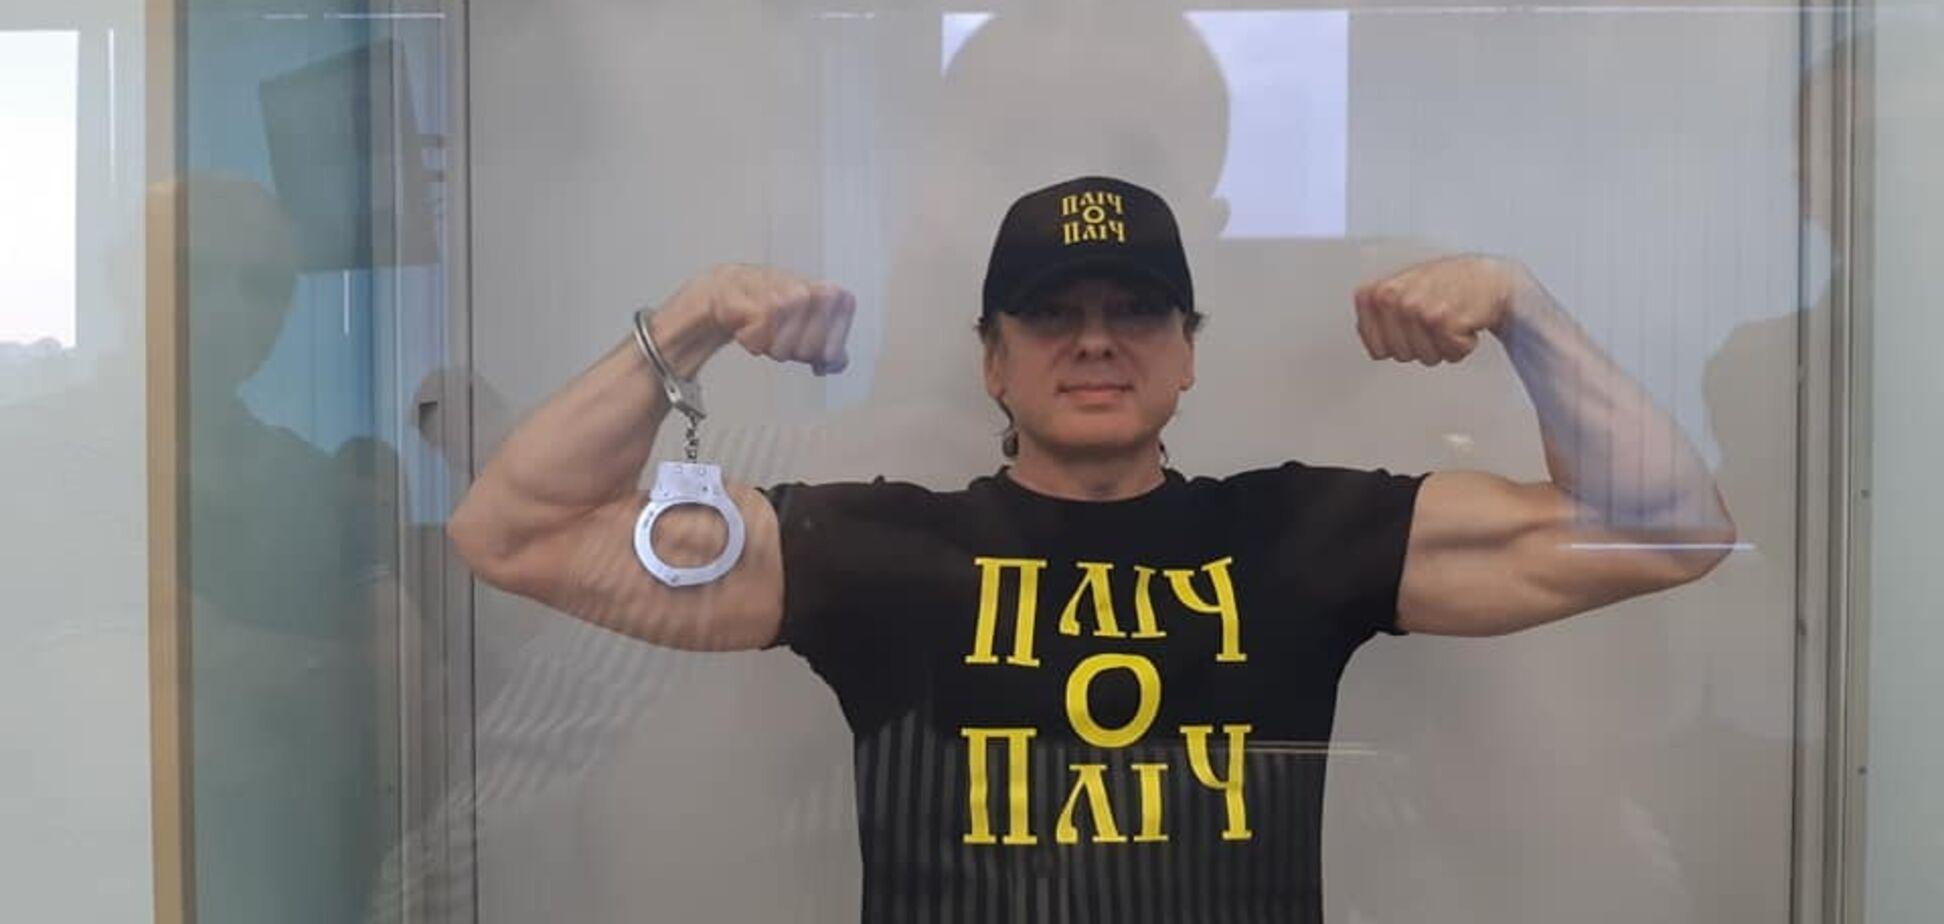 Затримали за держзраду і ФСБ: екс-чоловік відомої гімнастки вийшов на волю